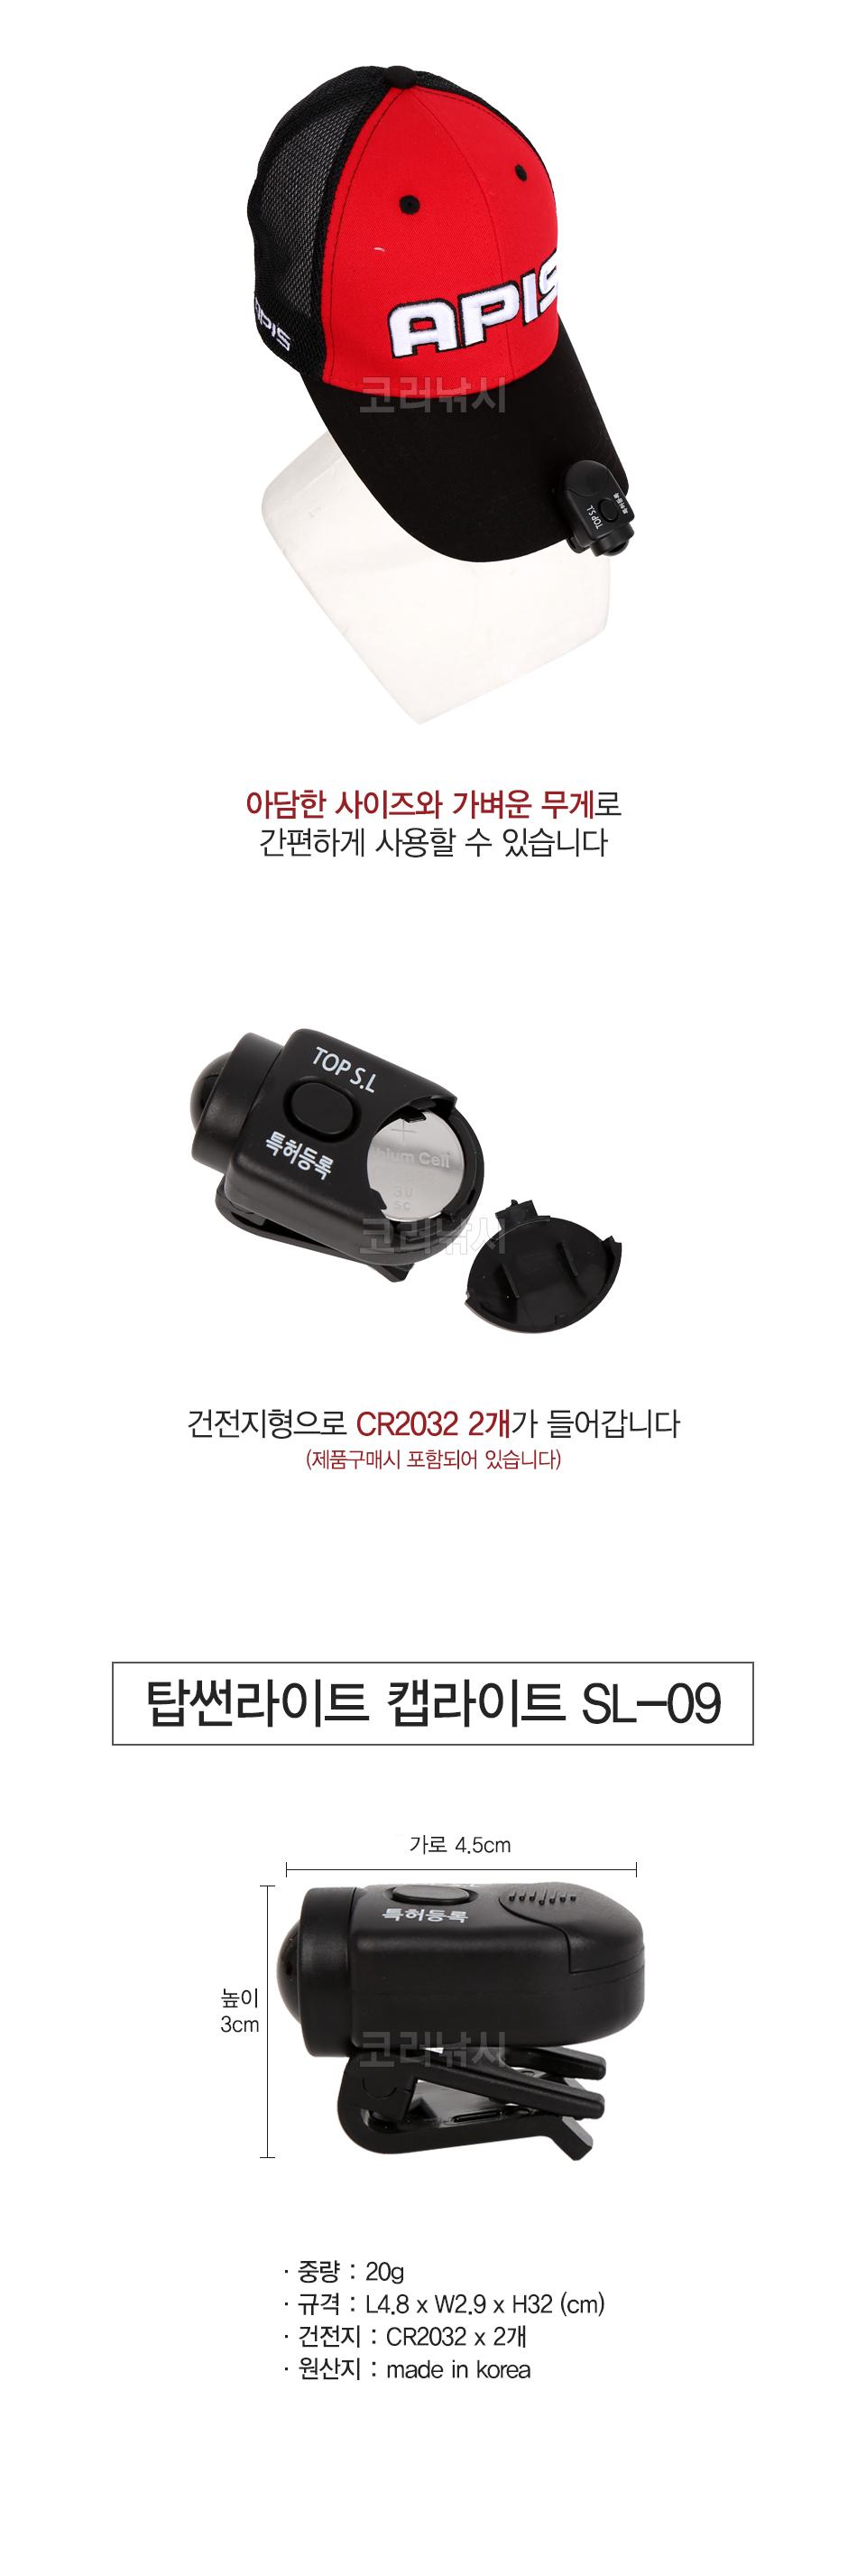 탑썬라이트 (SL-09) 캡라이트 (MADE IN KOREA) 모자부착랜턴 모자부착라이트 2032 각도조절